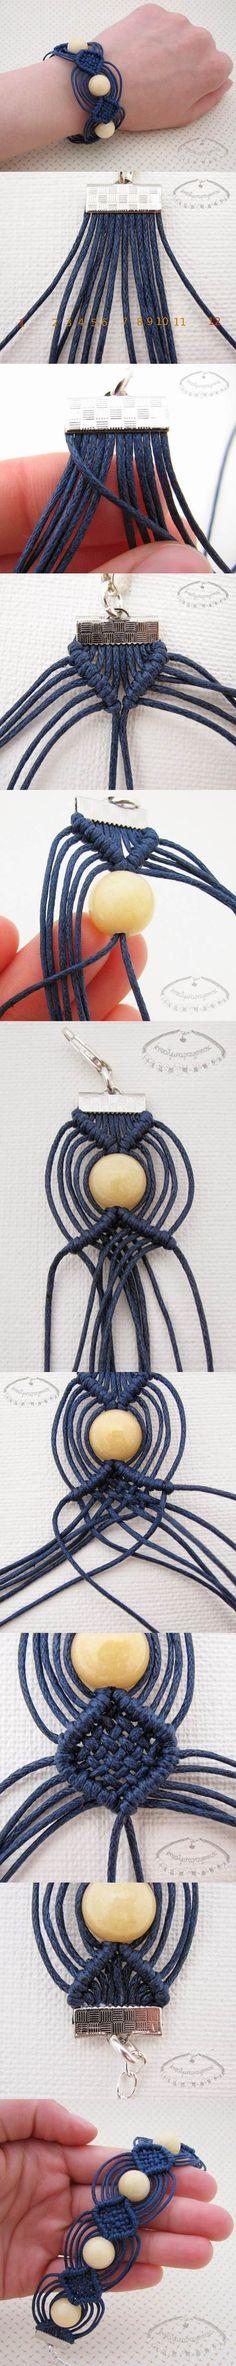 DIY imagen, diy, jewlery bricolaje, artesanía bricolaje, diy de la foto, imagen bricolaje